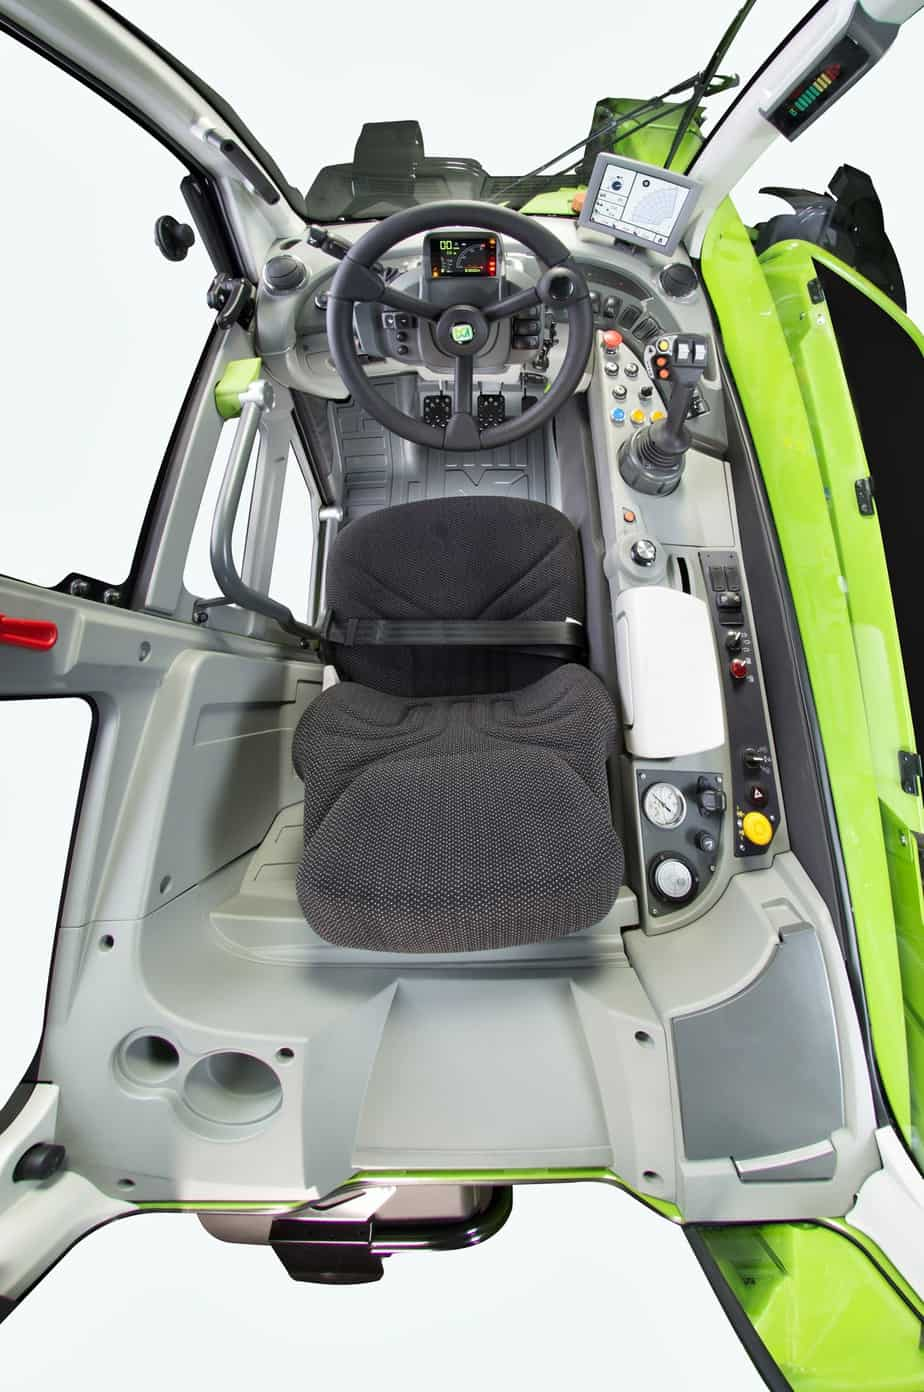 La cabina sospesa ha un'escursione di 110 mm che permette di assorbire molto bene le asperità riducendo le vibrazioni